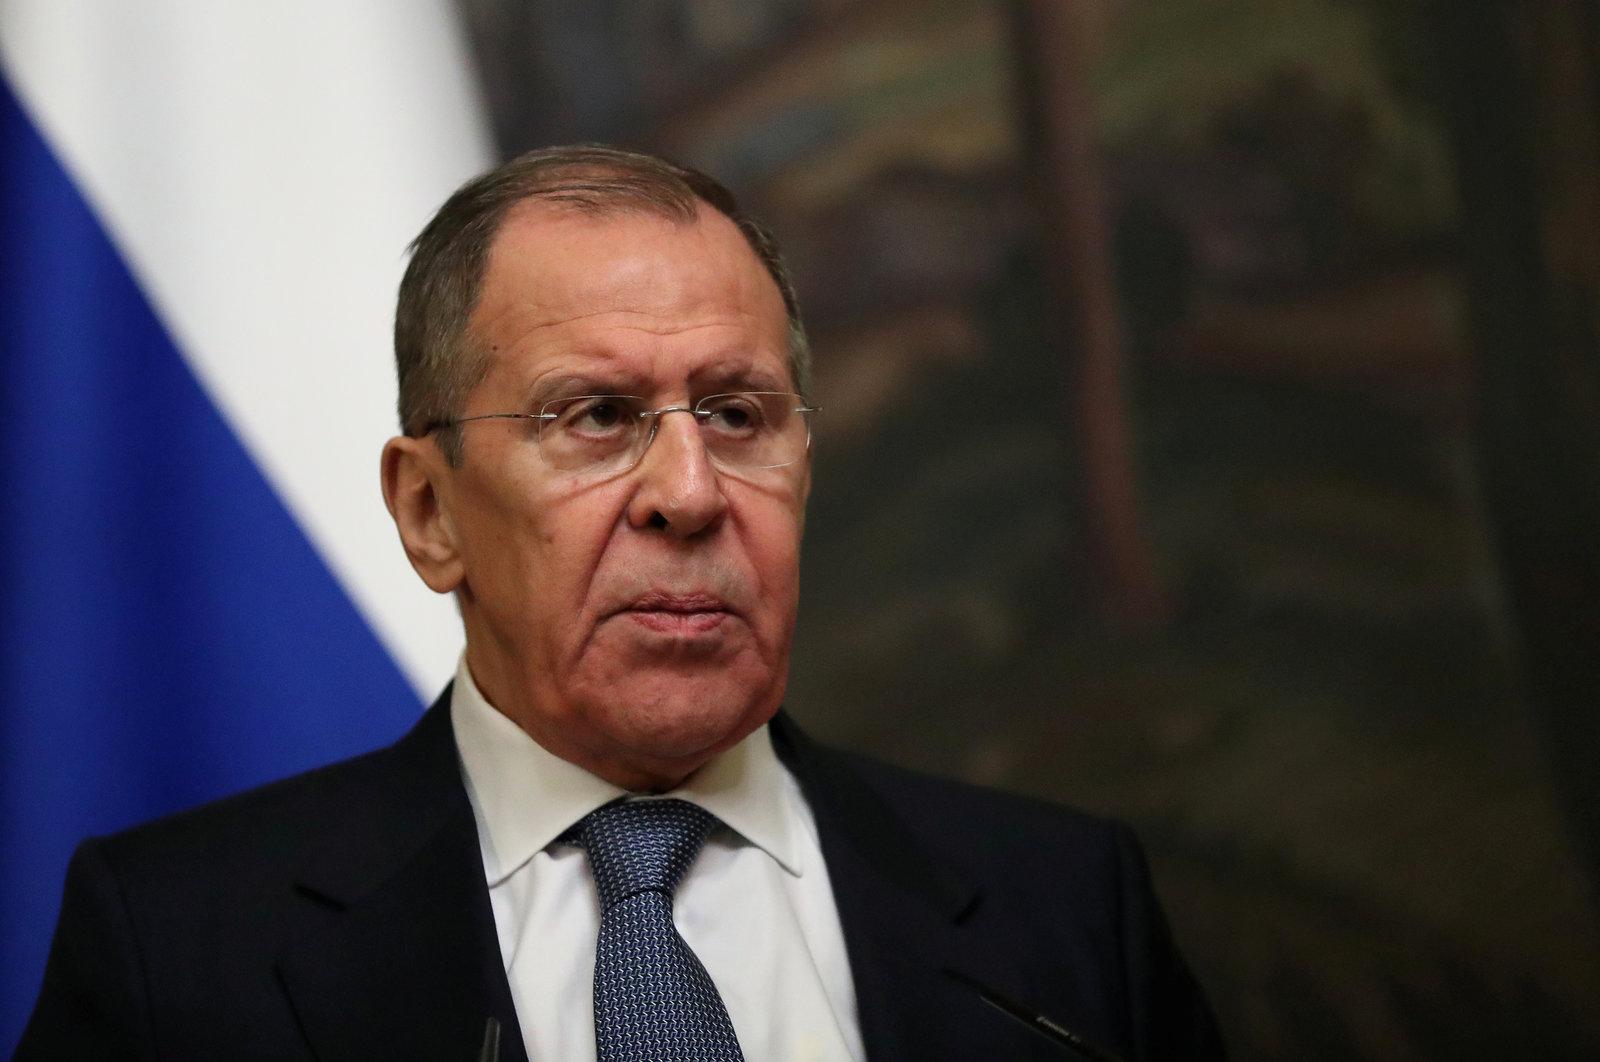 Bakú y Ereván debaten cumplimiento de acuerdo de cese al fuego en el Karabaj